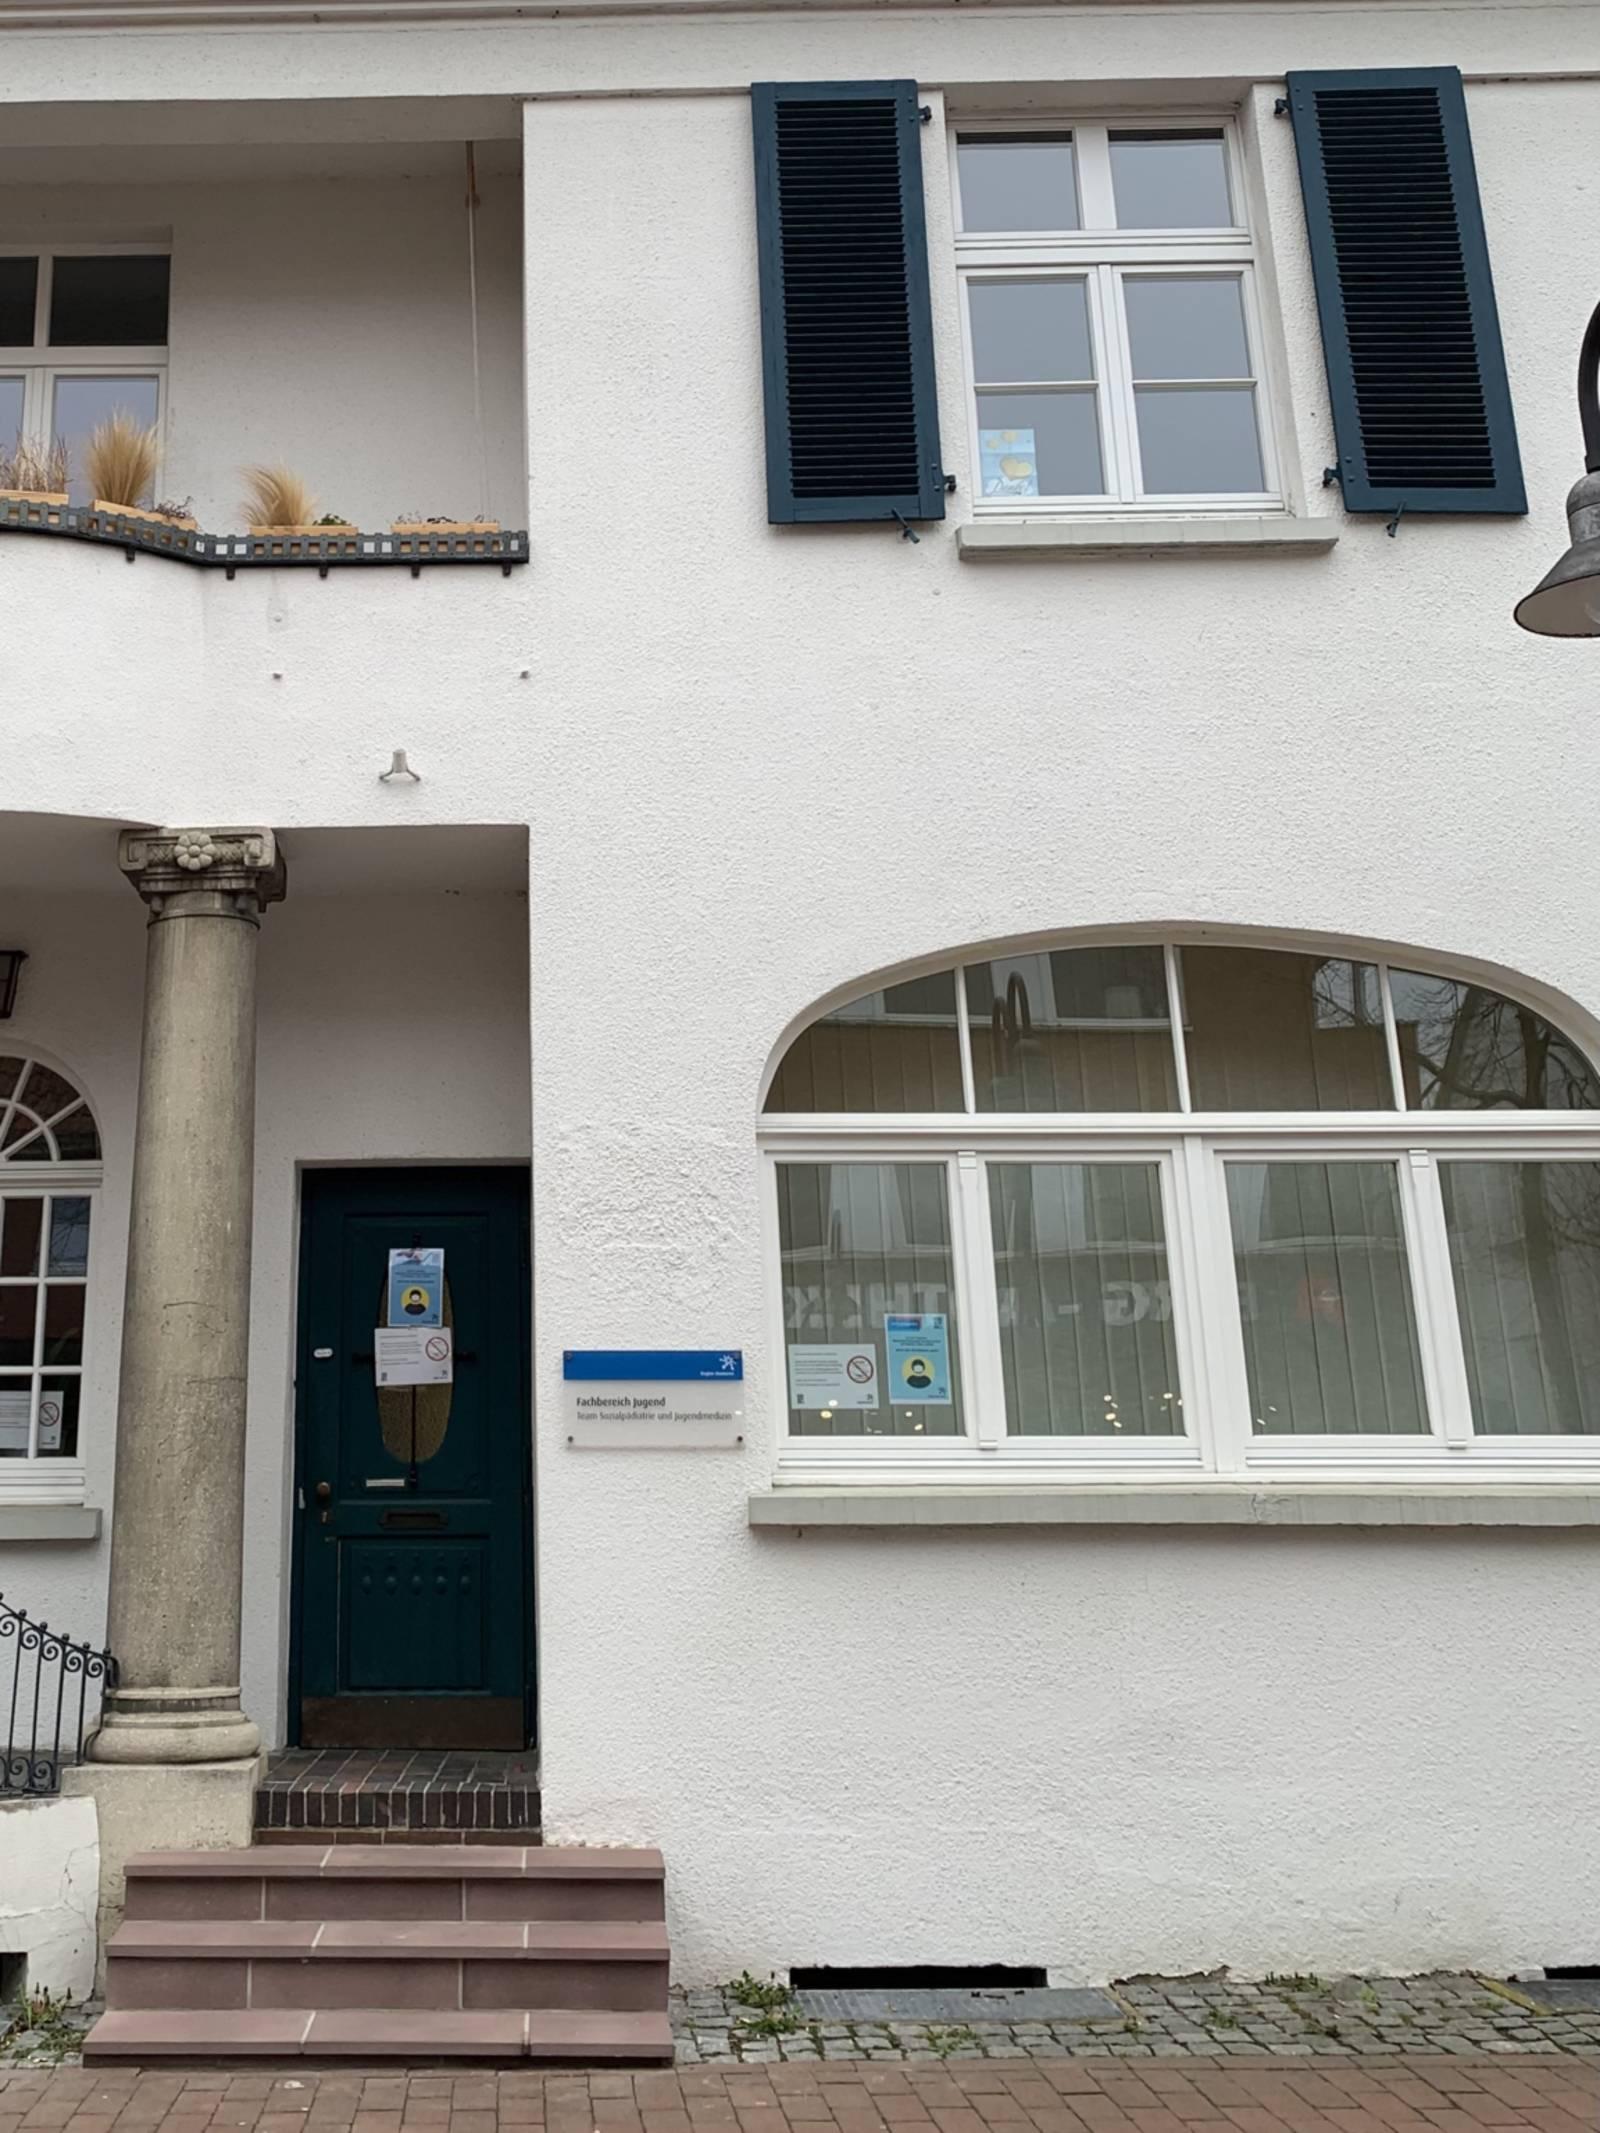 Eingang in ein Gebäude